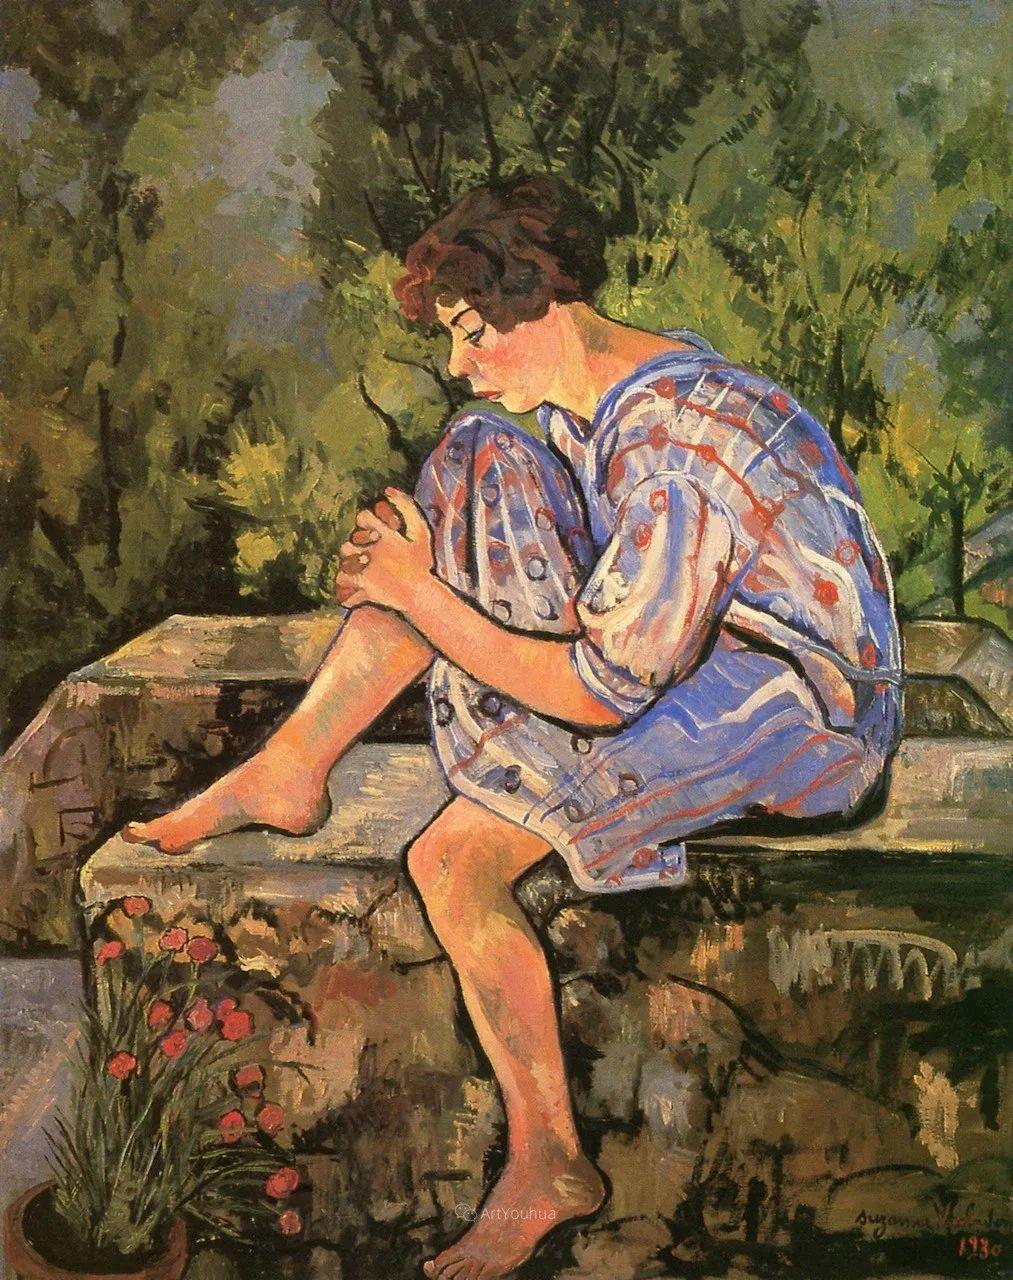 法国美术家协会第一个女性成员——苏珊娜·瓦拉东插图21